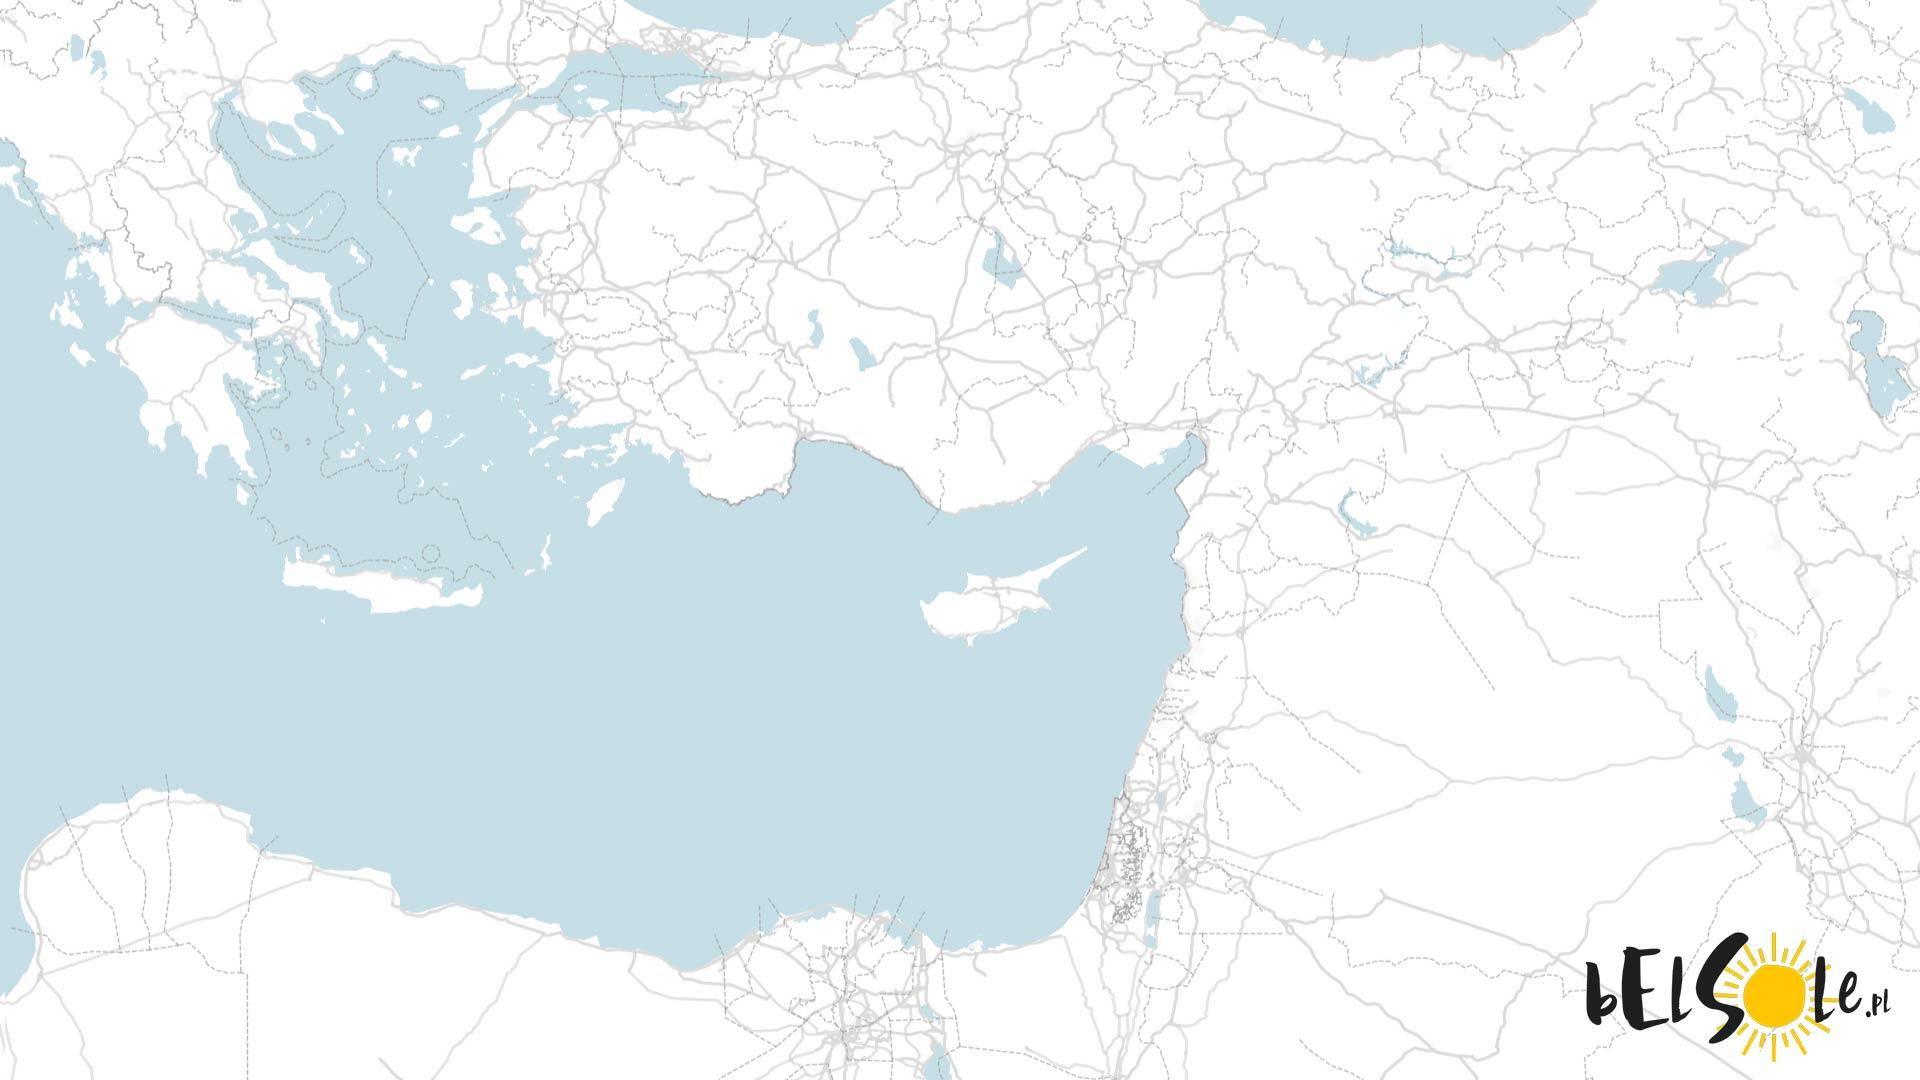 Wyspa otoczona przez trzy kontynenty.